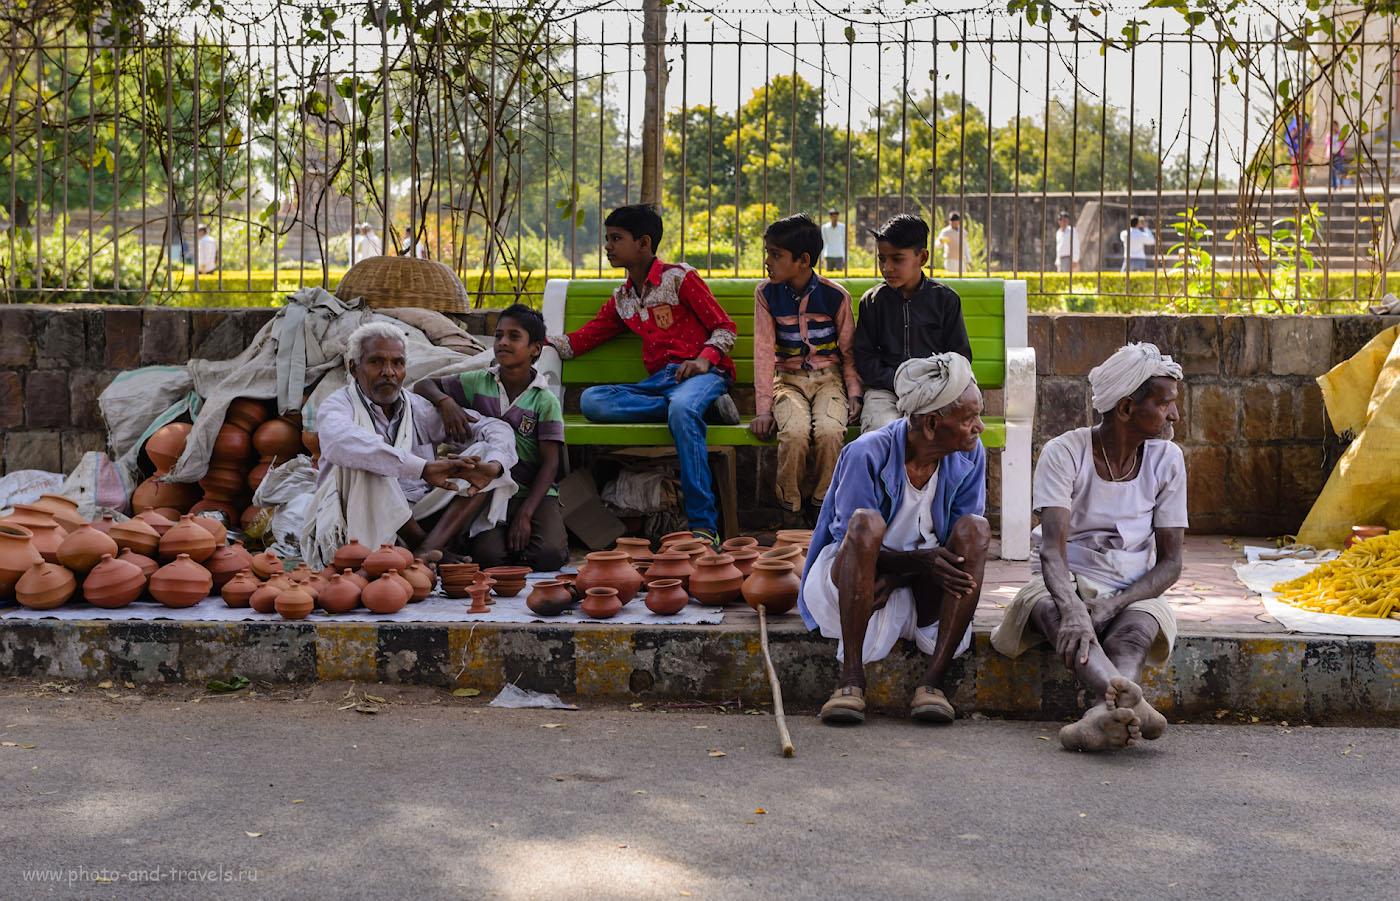 Фото 14. Гончары предлагают свою продукцию у ограды Западной группы храмов в Кхаджурахо. 1/125, 5.6, 320, 62.